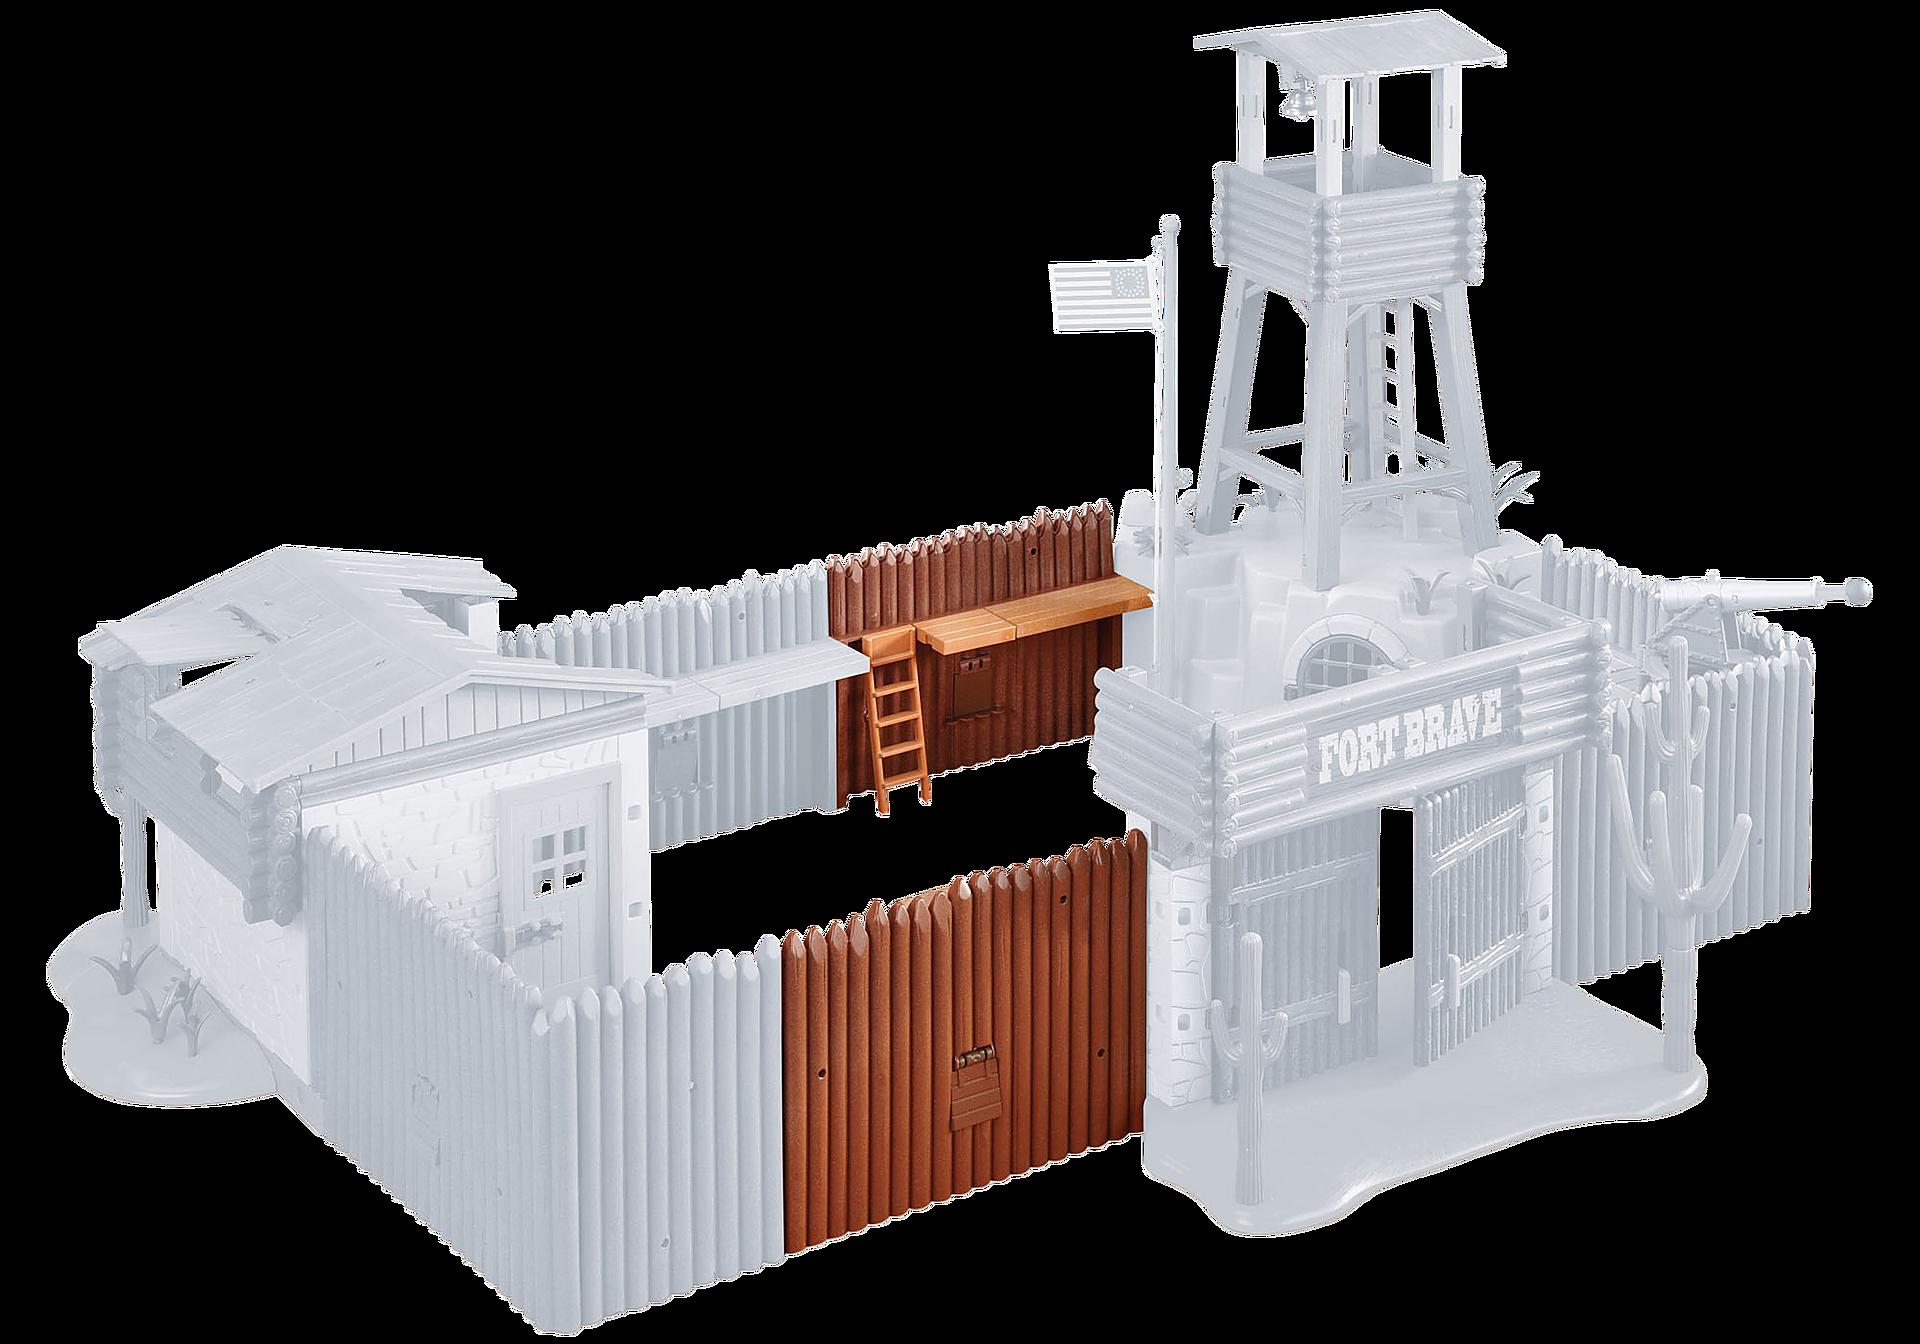 6270 Palissades d'extension pour le Grand fort des soldats américains zoom image1